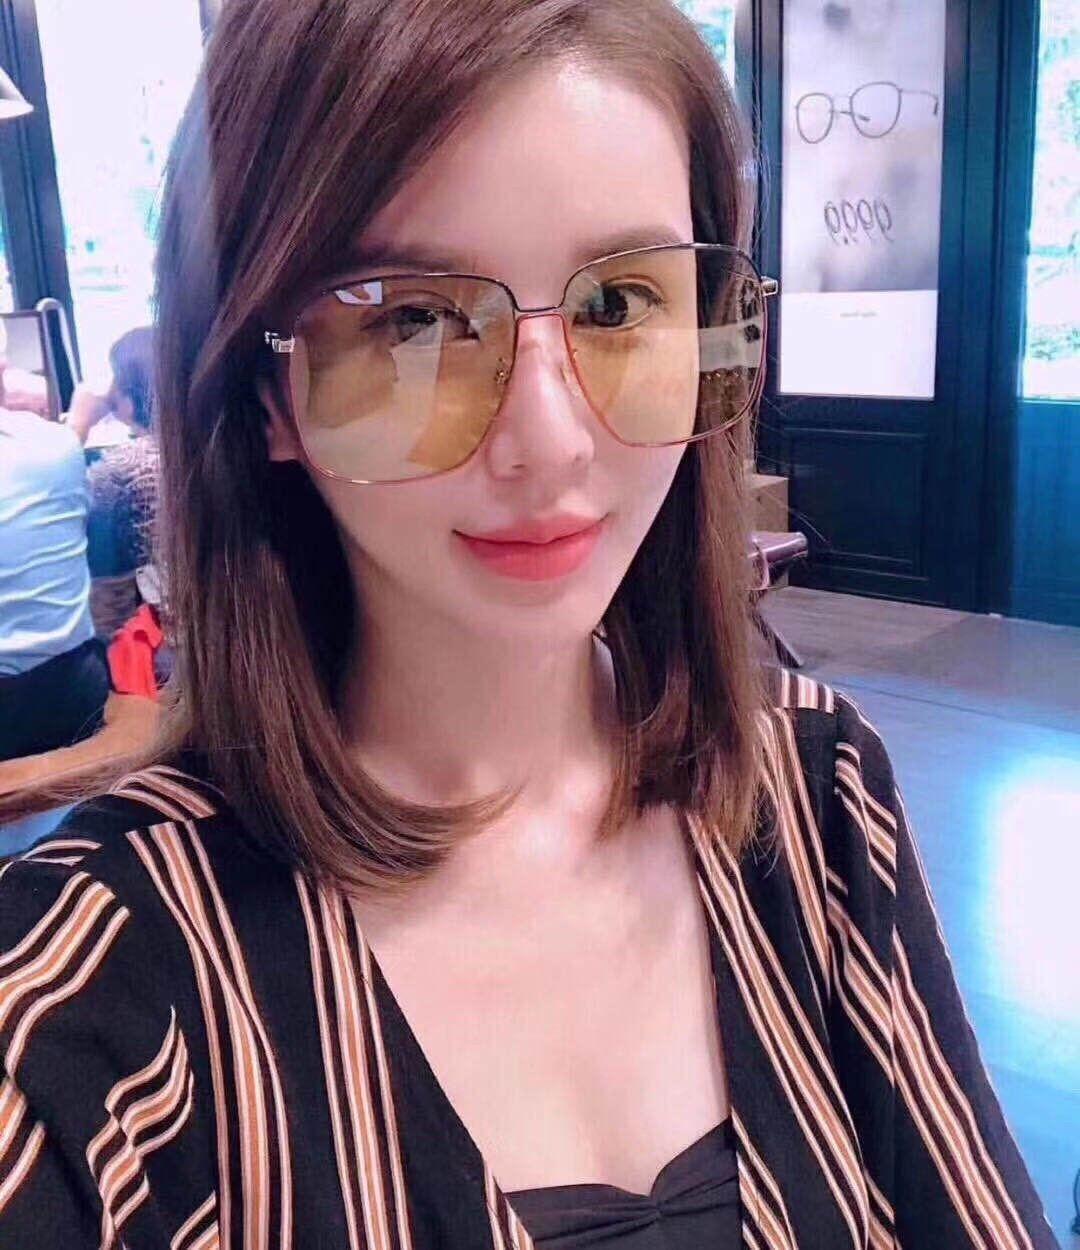 Moda Güneş Kadın Sokak Avangardı Kutusu Büyük Çerçeve Güneş Erkek Kadın Brown Gözlük GG0394SK Çekim